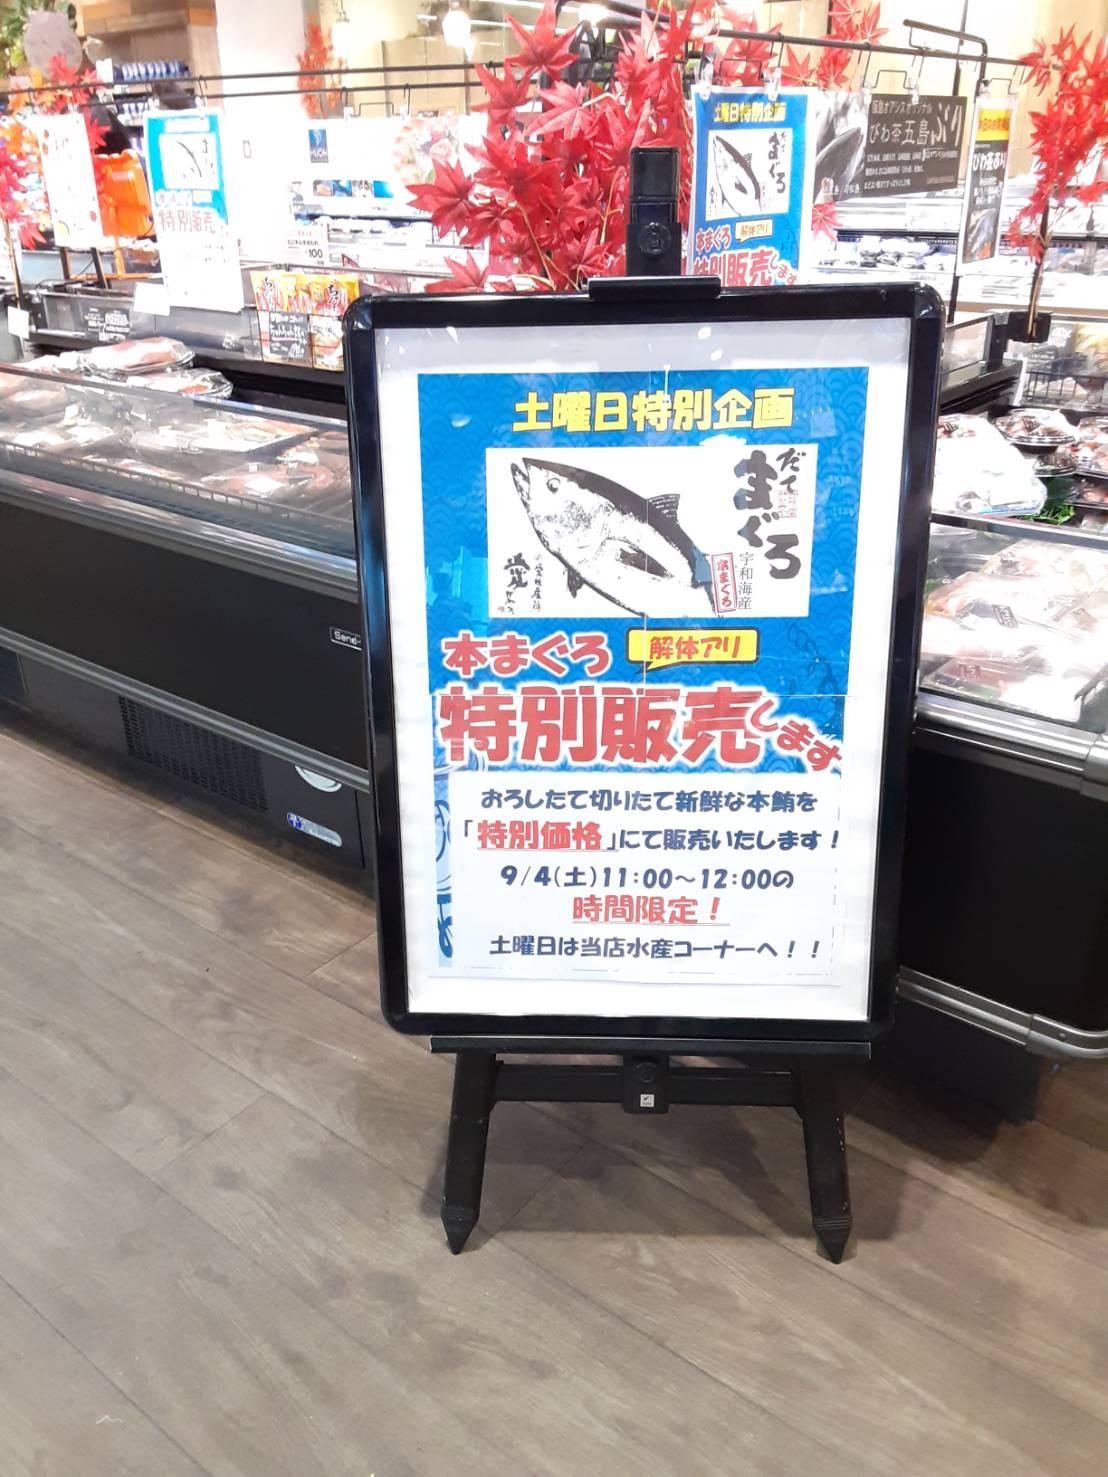 ★阪急オアシス箕面船場店★まぐろの販売会